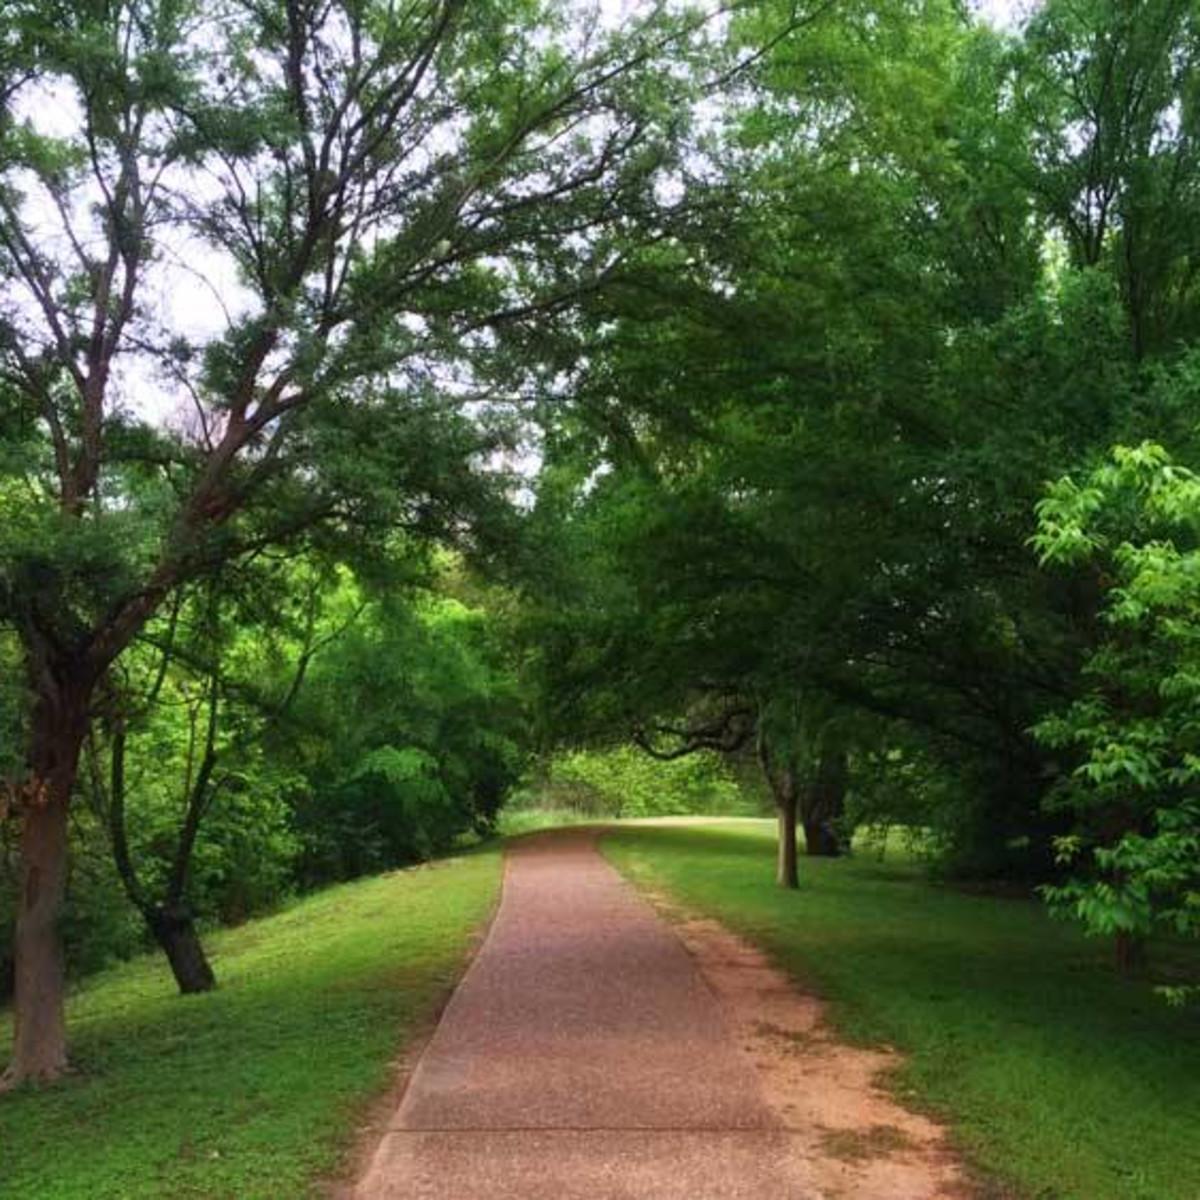 Shoal Creek Hike and Bike Trail